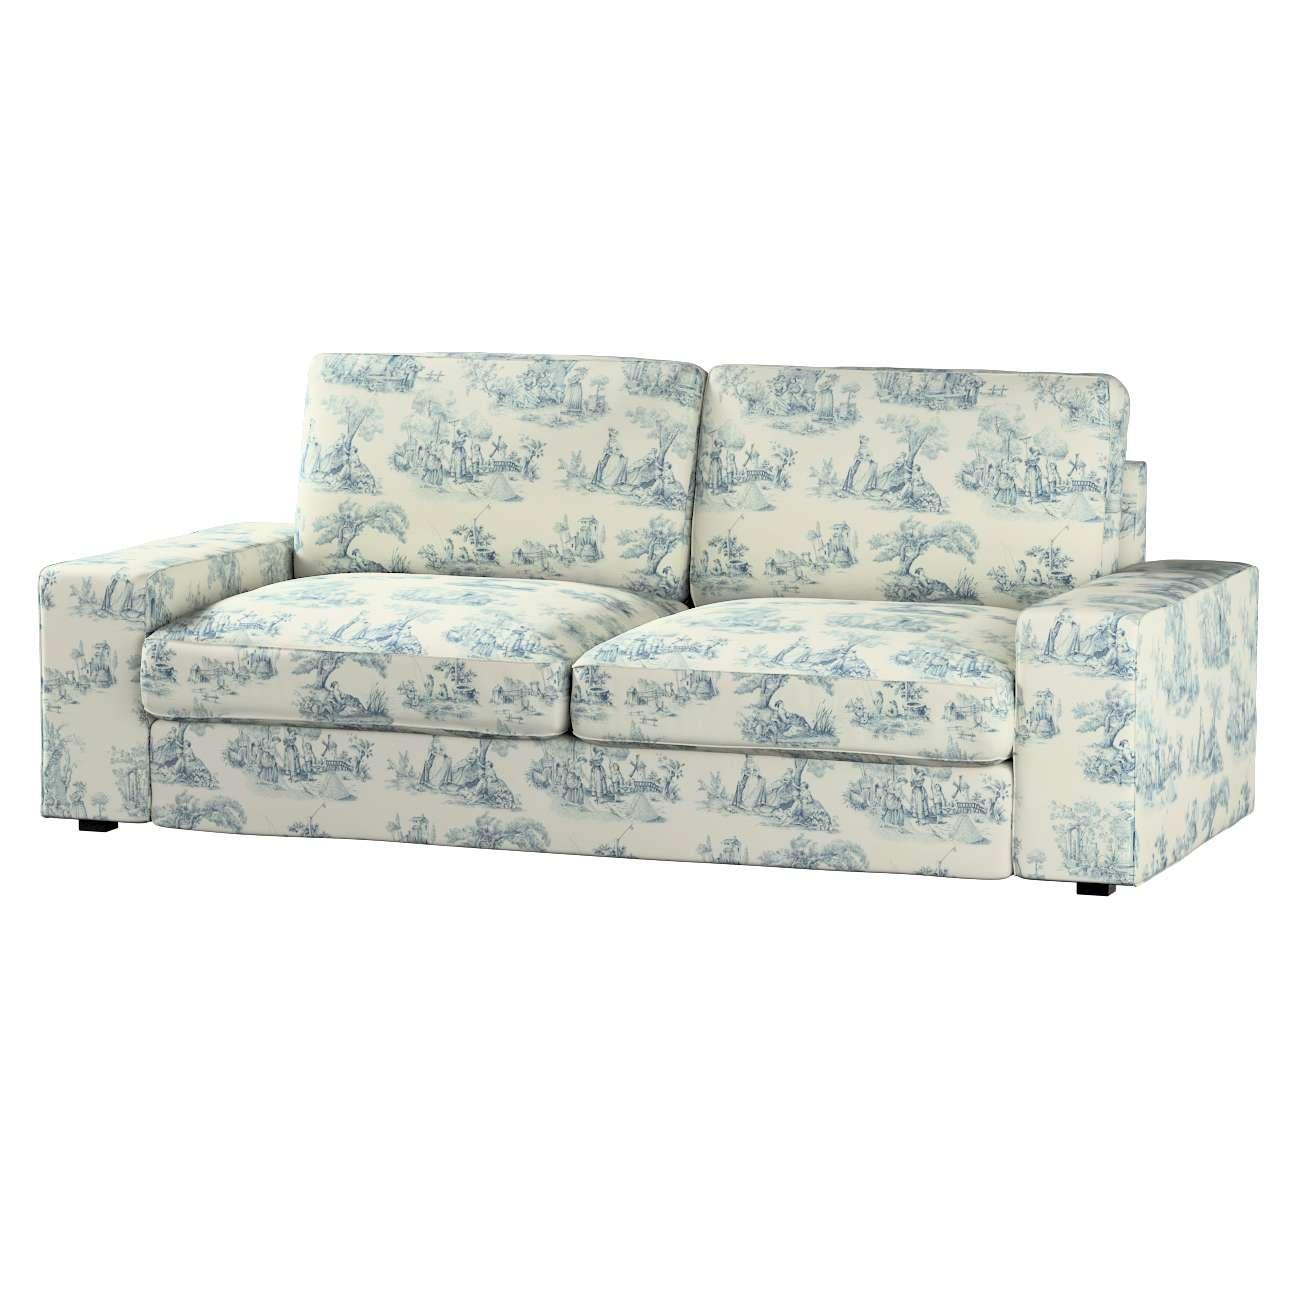 Pokrowiec na sofę Kivik 3-osobową, nierozkładaną Sofa Kivik 3-osobowa nierozkładana w kolekcji Avinon, tkanina: 132-66